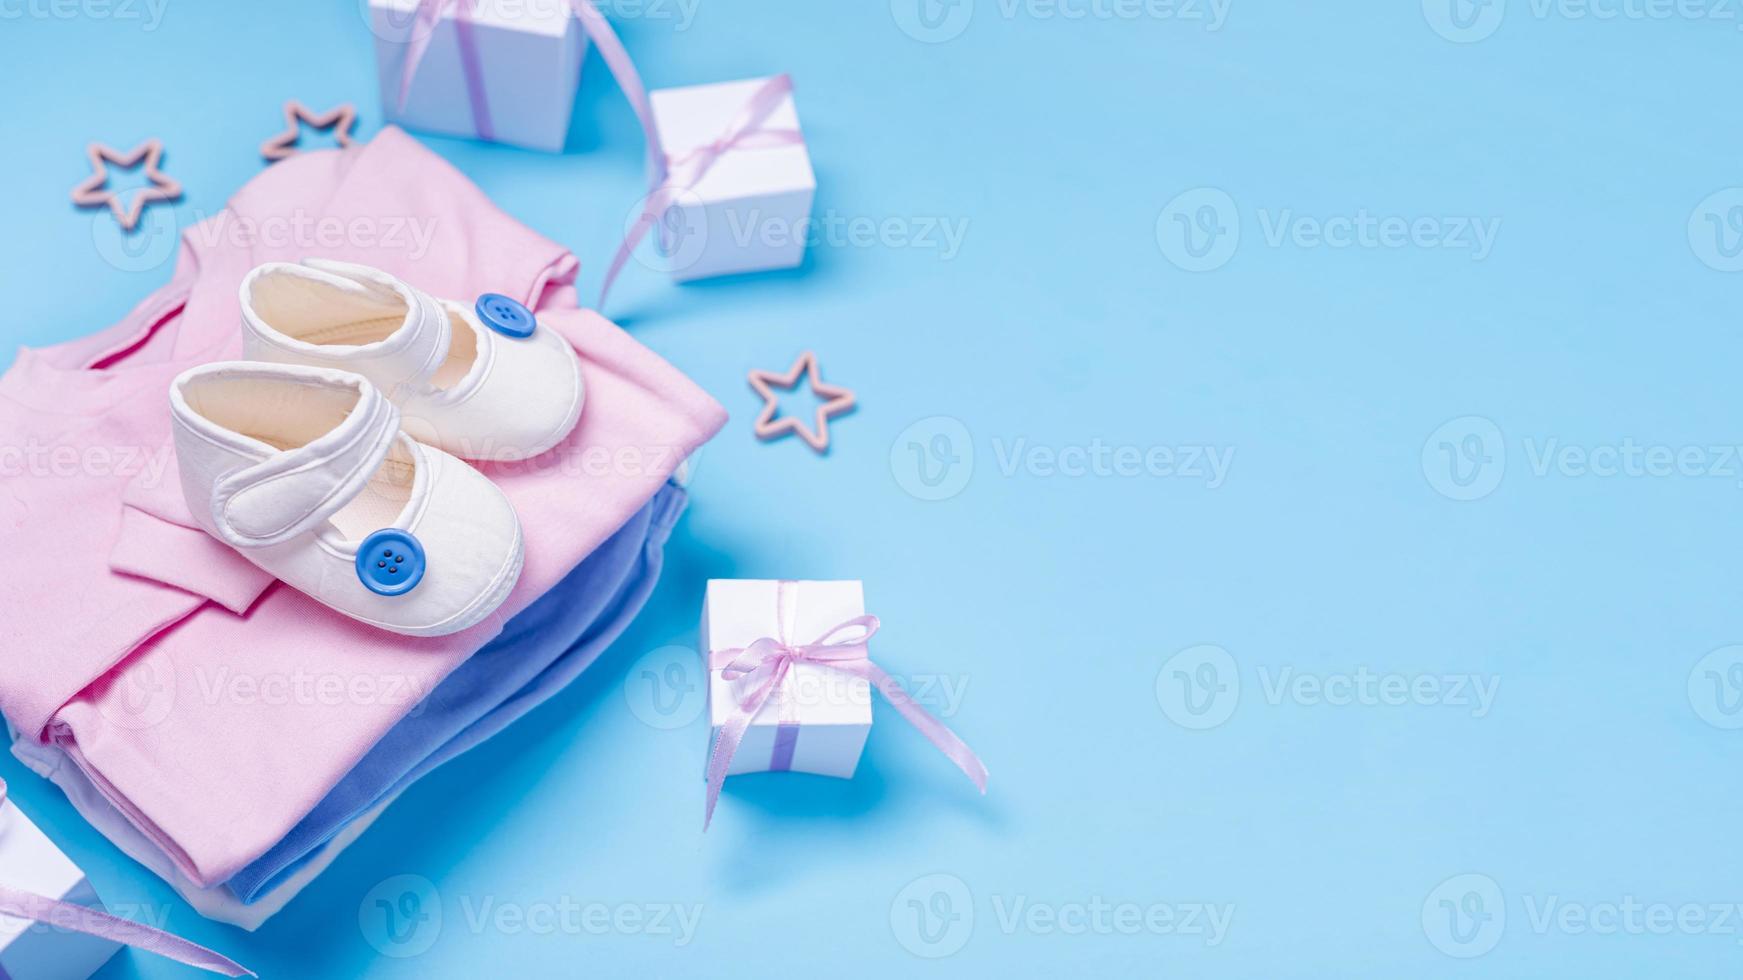 Alto ángulo de lindos accesorios para bebés con espacio de copia sobre fondo azul. foto